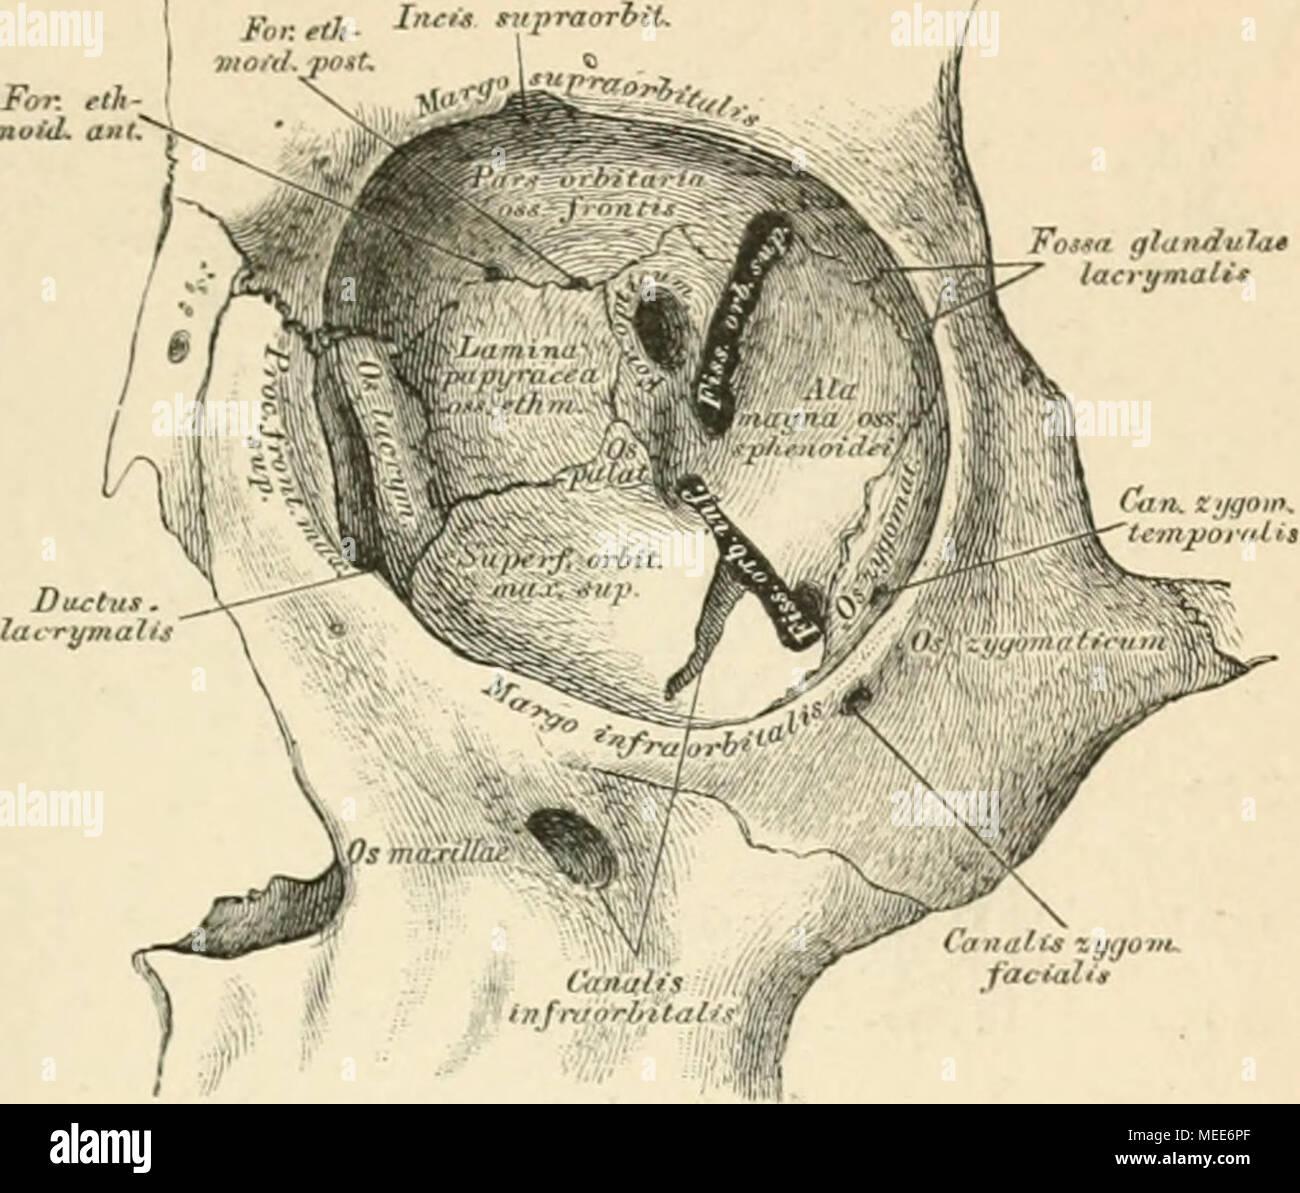 Ausgezeichnet Clam Innere Anatomie Fotos - Physiologie Von ...